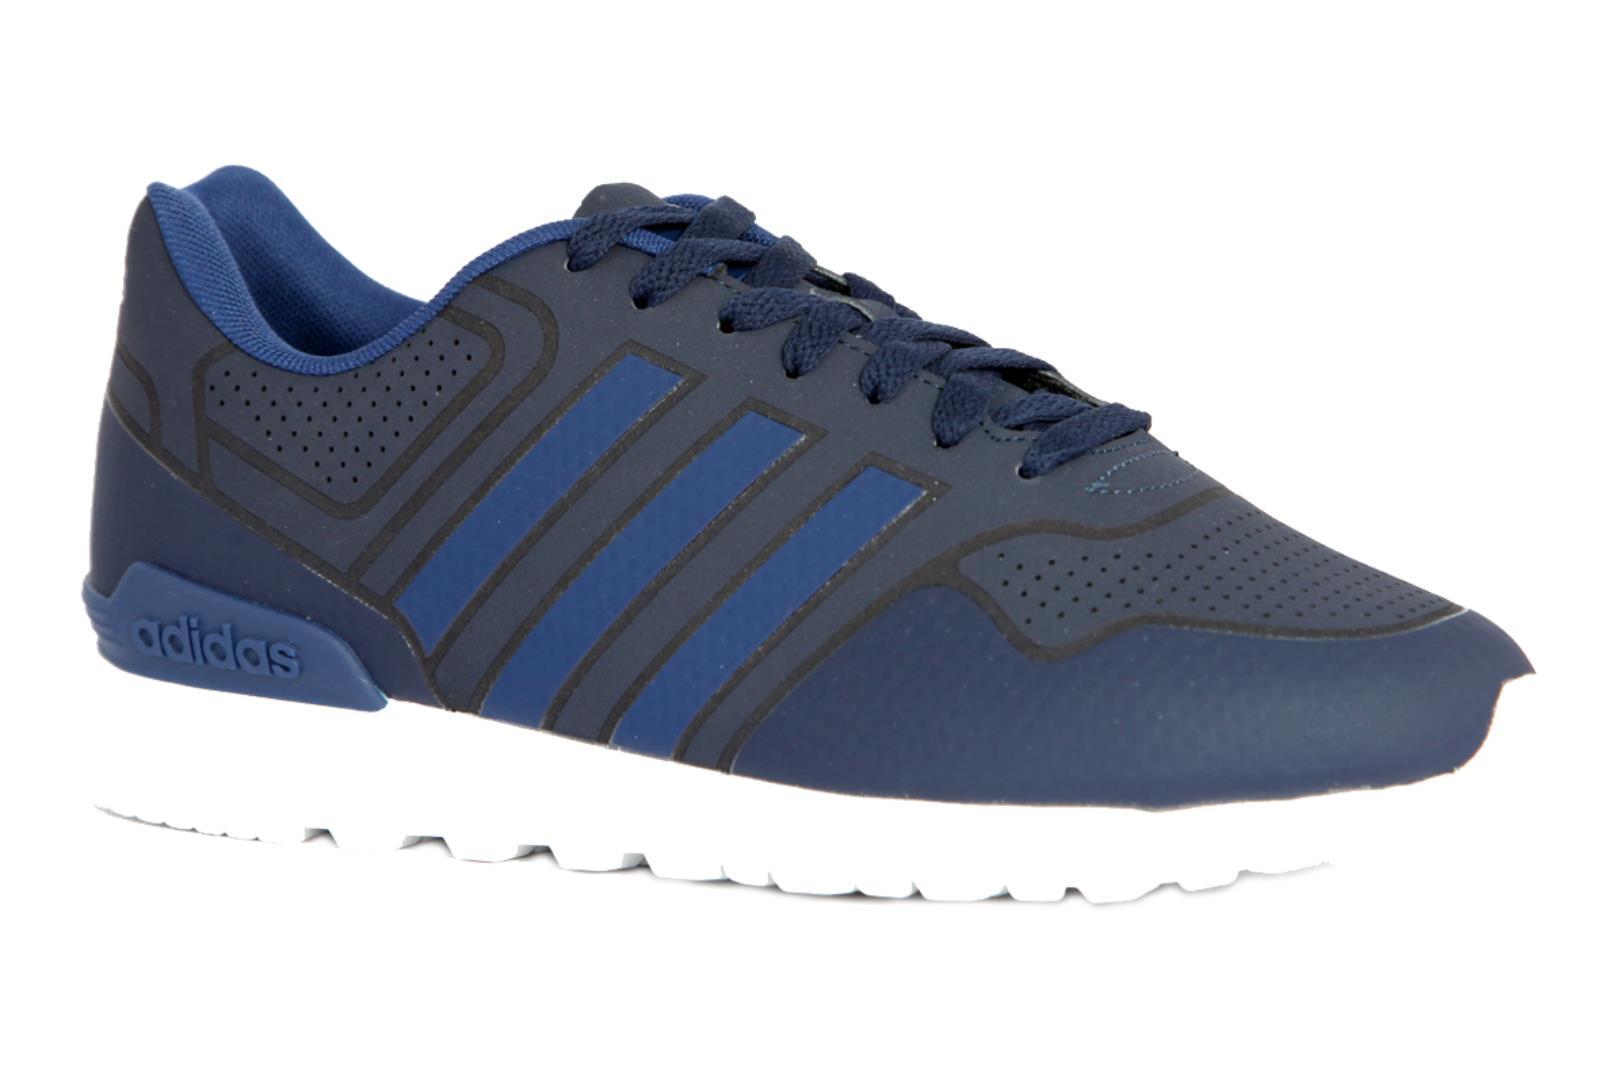 Uomo Da Pelle Casual Blu Di In Adidas Colore Sneakers 10k 7qIxv7F